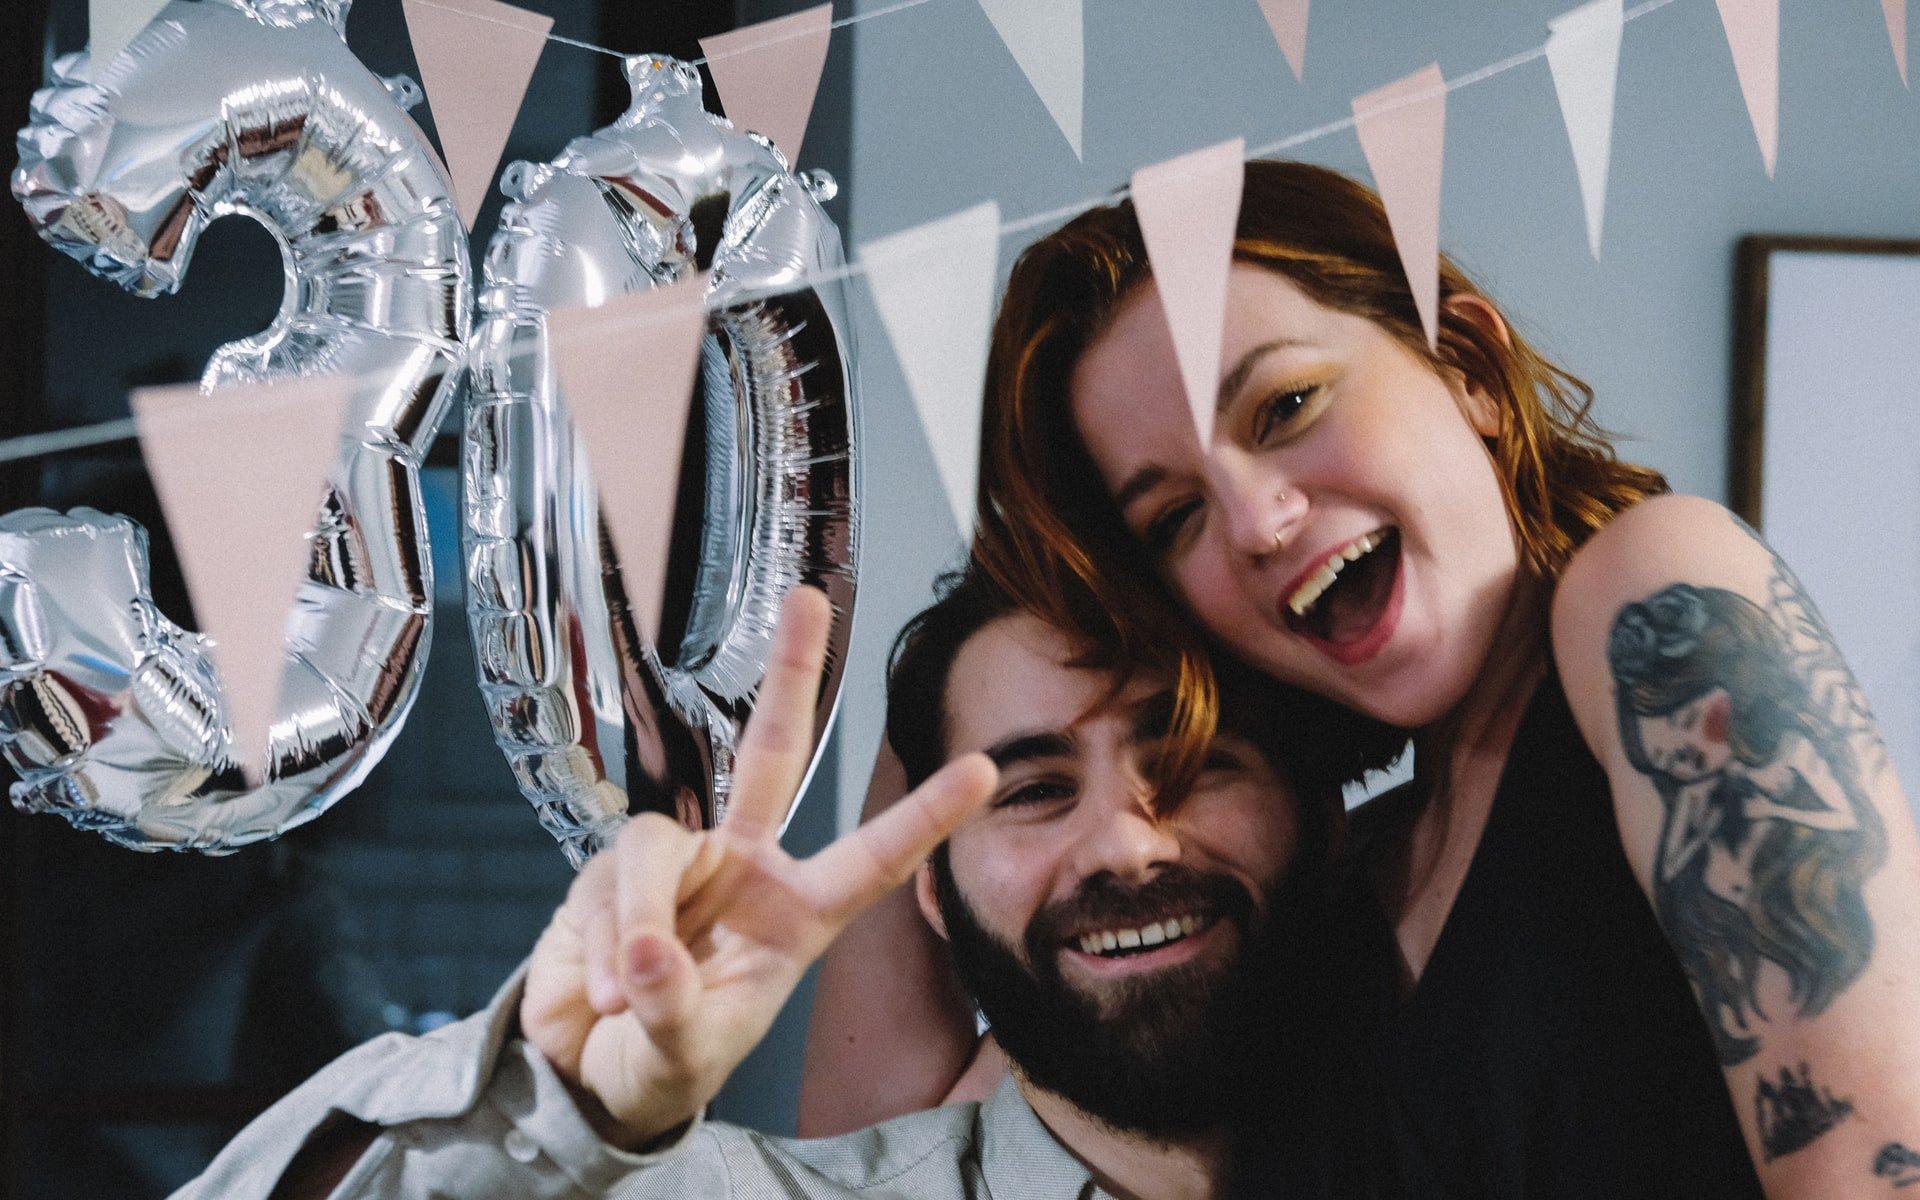 Homem e mulher brancos abraçados durante uma festa de aniversário.